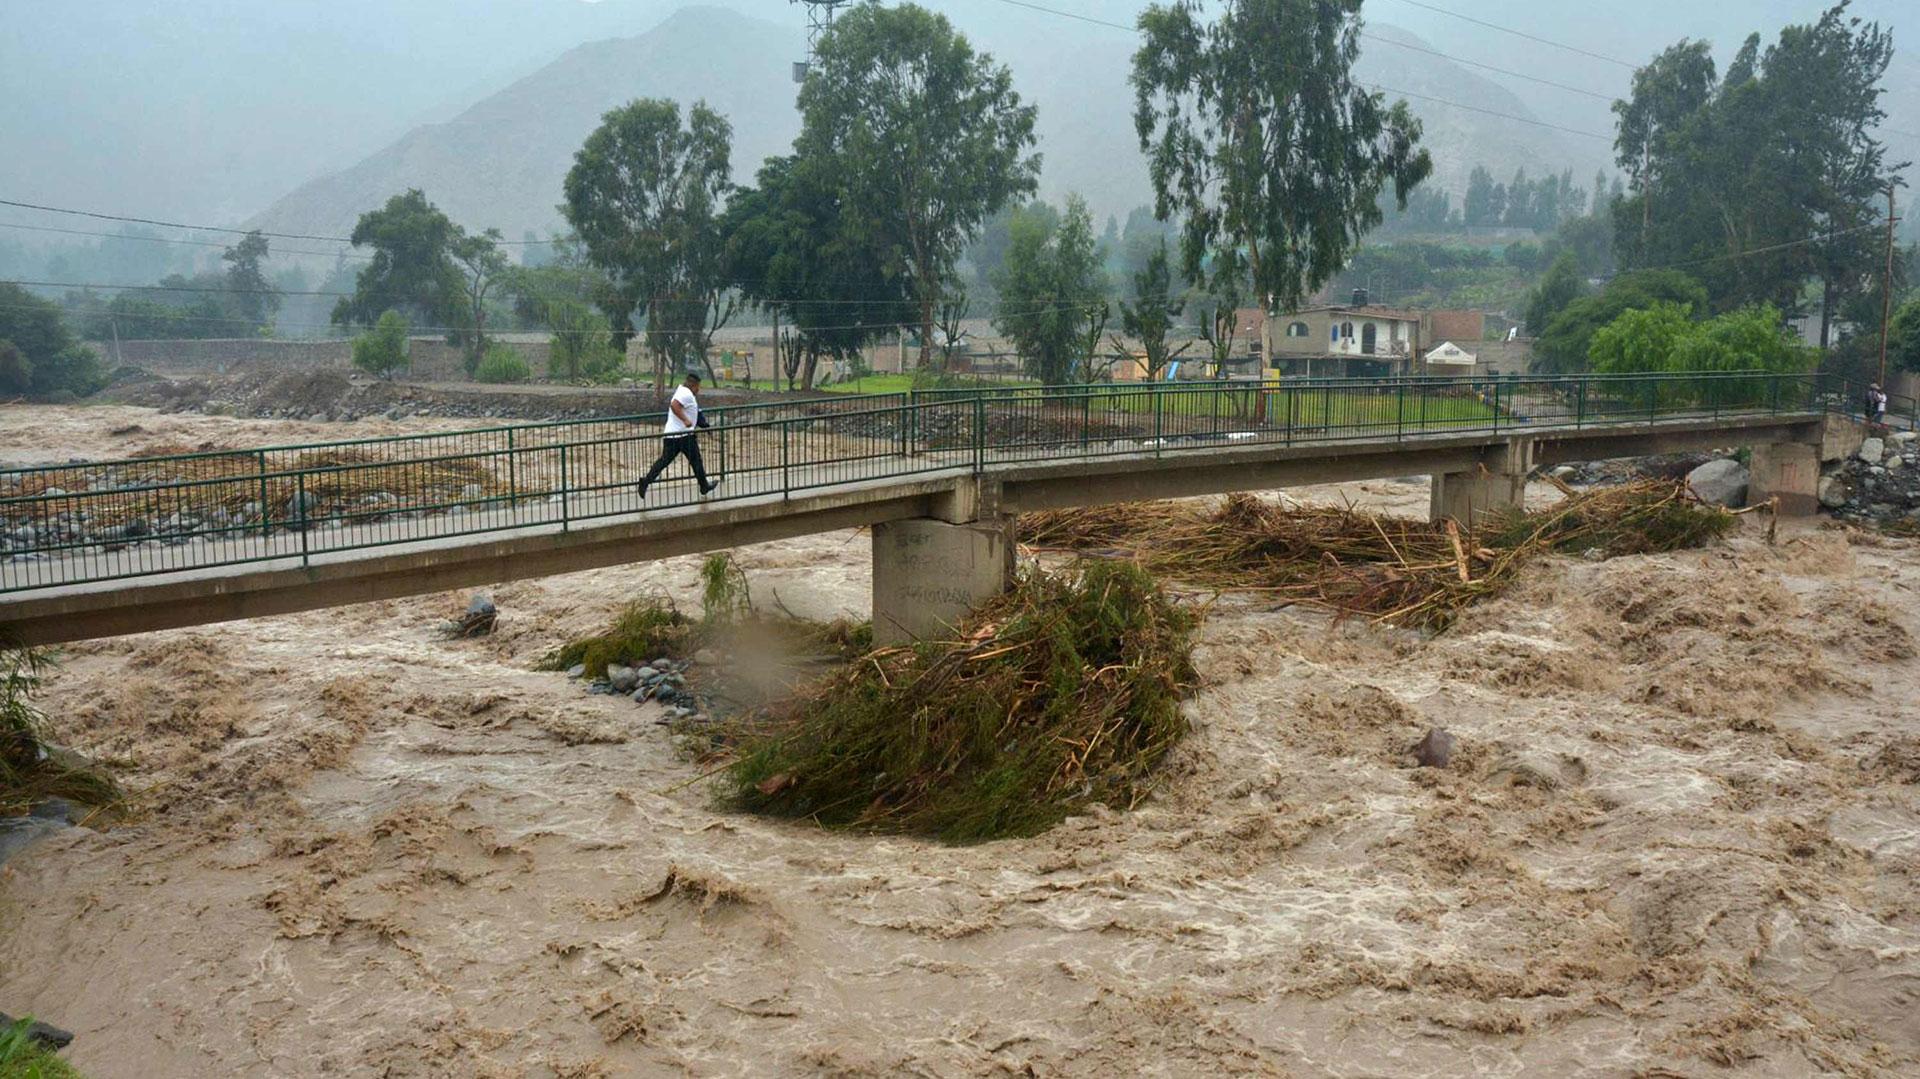 El Indeci indicó que las inundaciones han dejado en la norteña Piura 6 personas muertas, 10 heridos, 14.933 damnificados y 211.184 afectados; mientras que en Tumbes, región fronteriza con Ecuador, el Indeci reportó 1 muerto, 381 familias damnificadas y 24.292 familias afectadas (EFE)